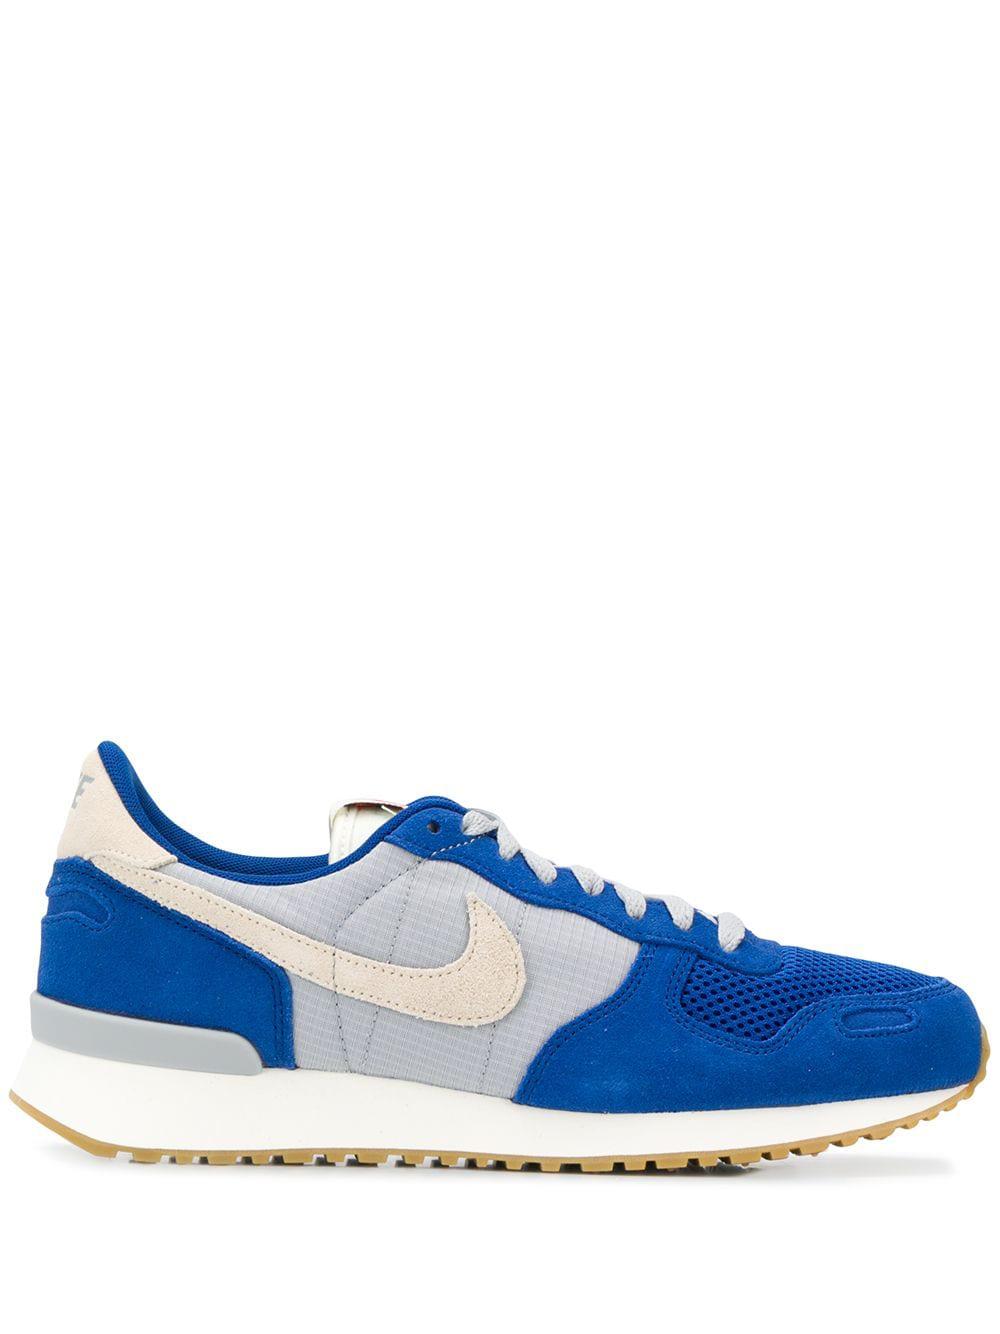 best loved d2f89 92532 Nike Air Vortex Sneakers - Blue